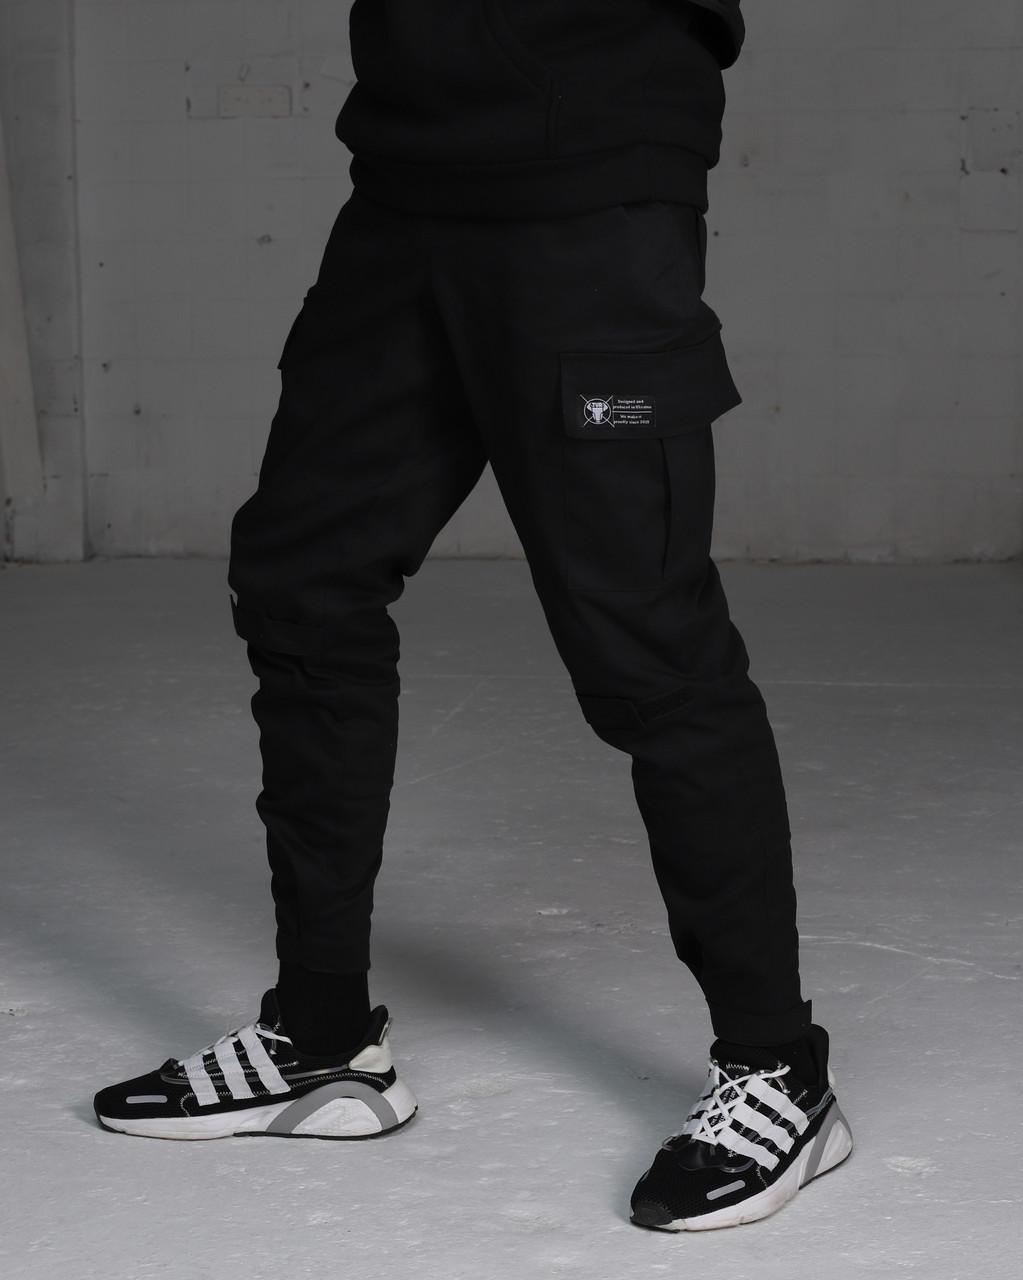 Зимние штаны карго на флисе мужские черные бренд ТУР модель Симбиот (Symbiote) размер: S, M, L, XL, XXL